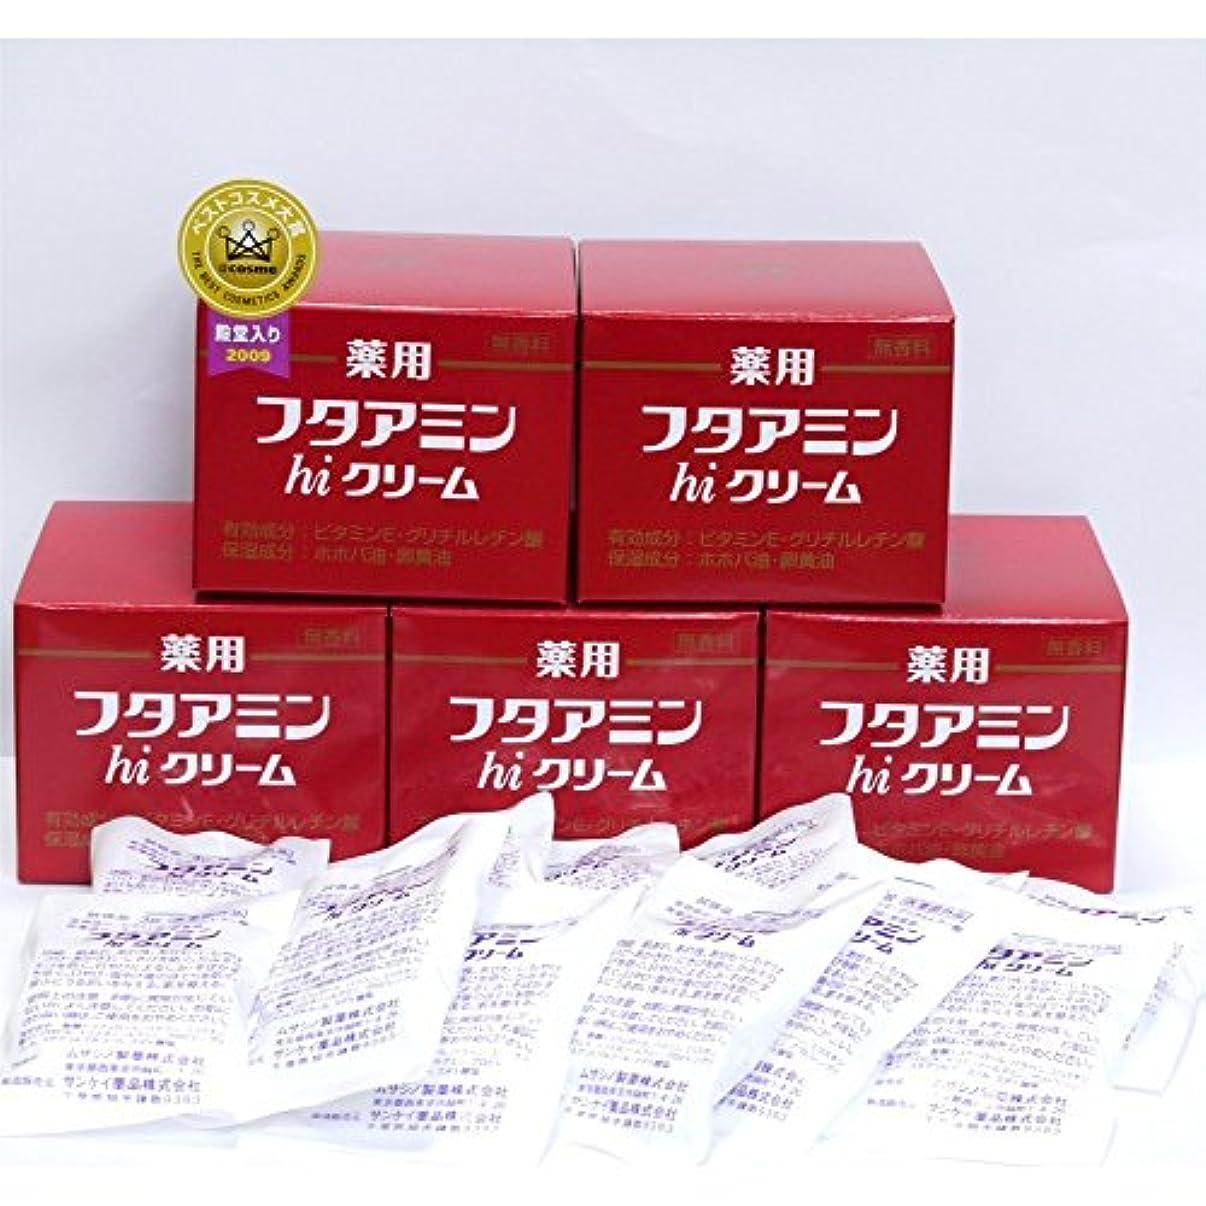 トーク排除わずらわしい薬用 フタアミンhiクリーム 130g  5個セット 3gお試品×12個付